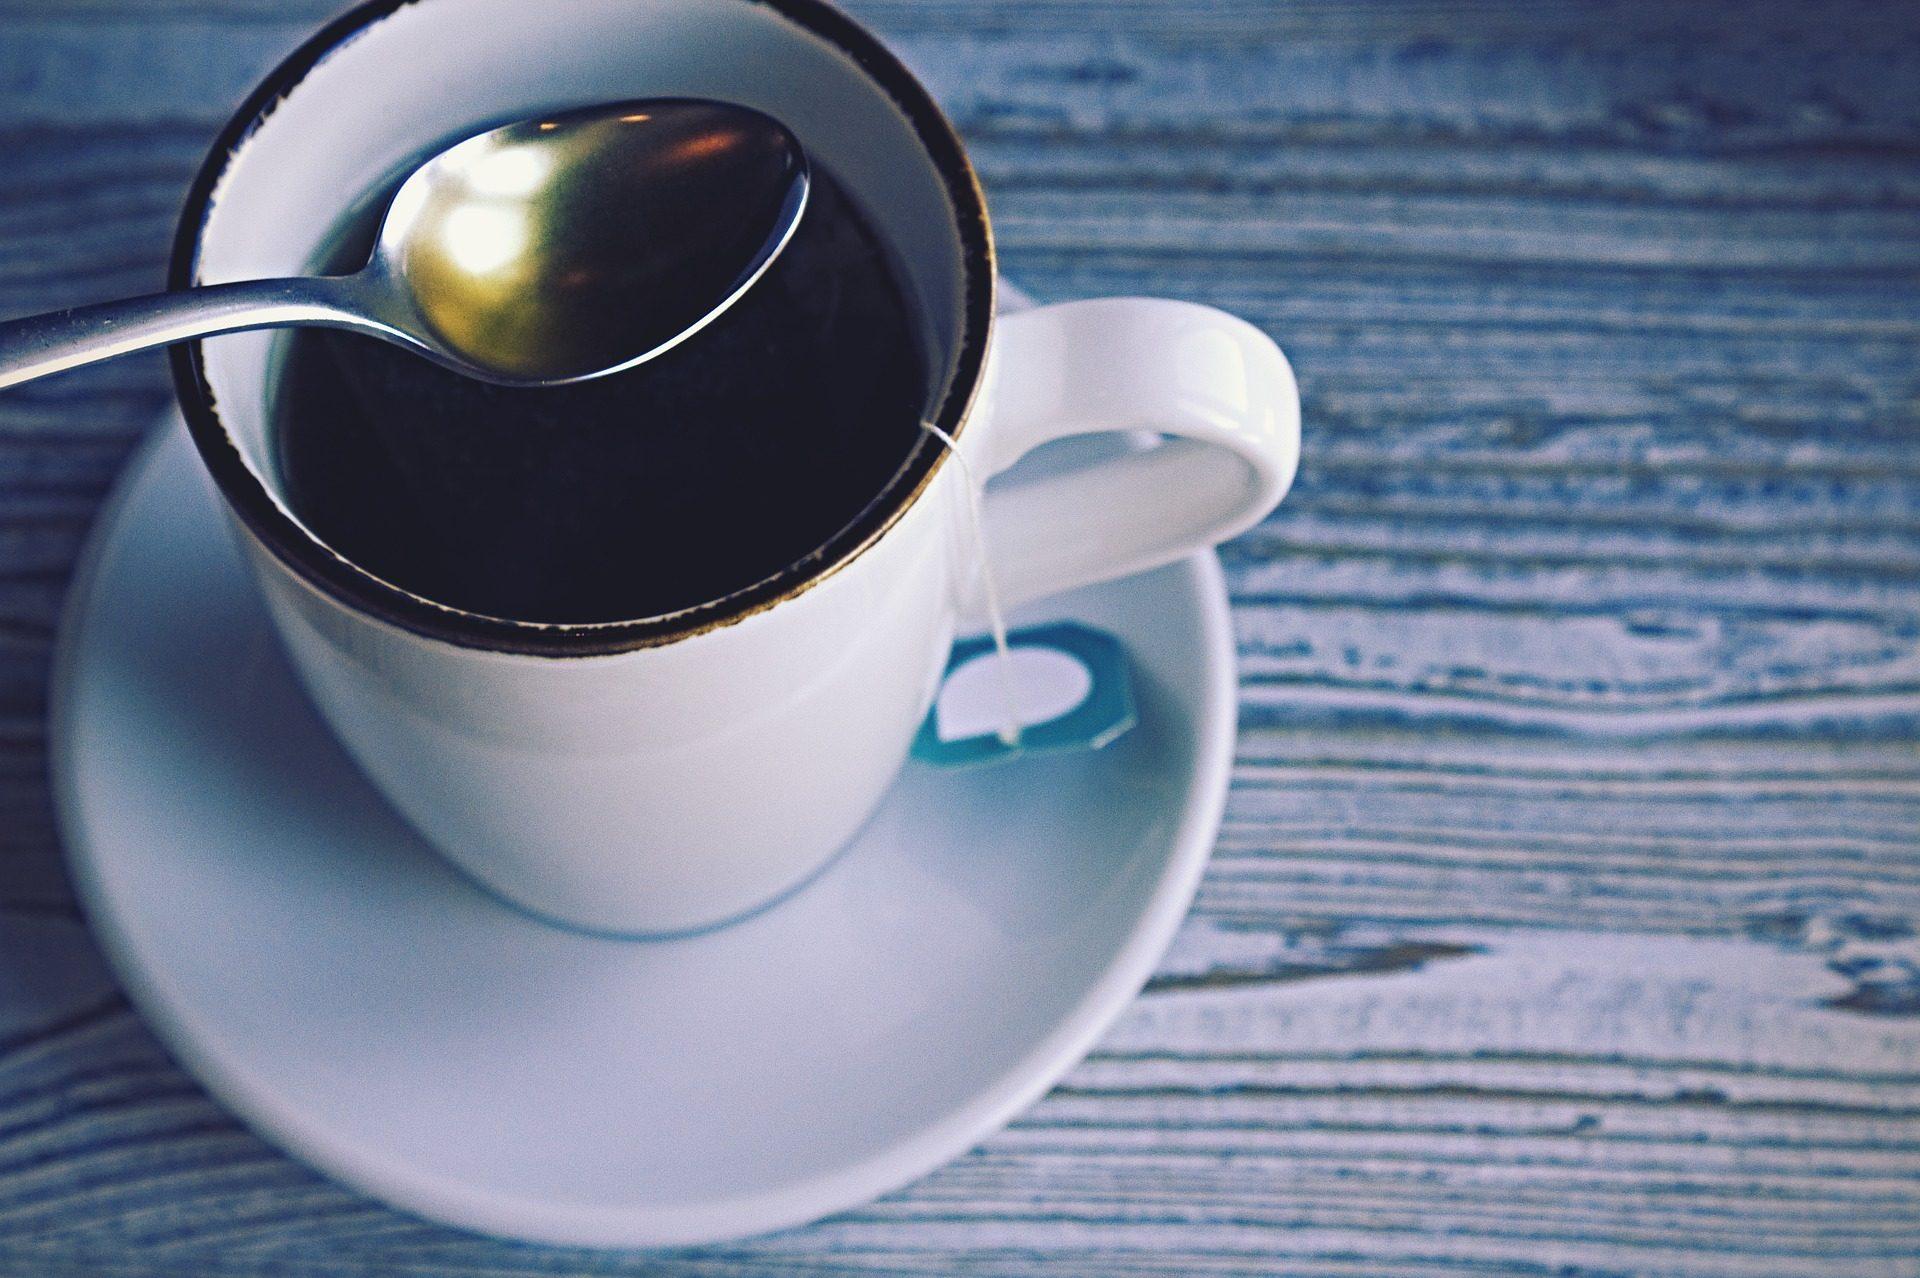 茶, 杯, 勺子, 输液, 木材 - 高清壁纸 - 教授-falken.com